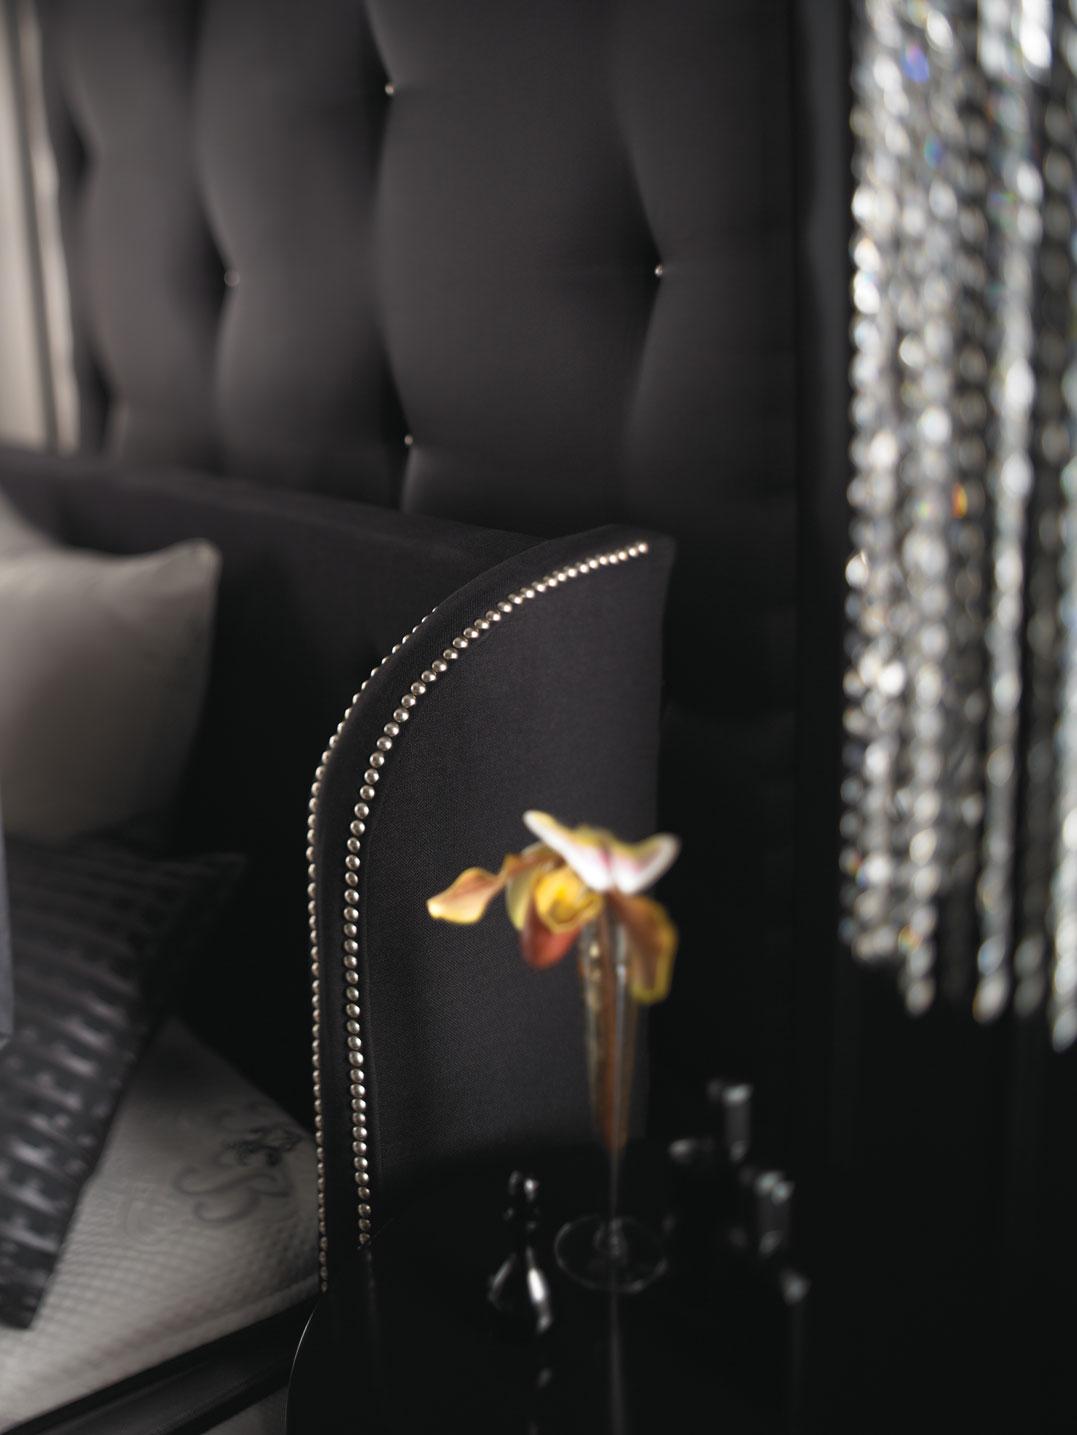 Simmons Beautyrest Black Daniella Plush Firm Pillow Top